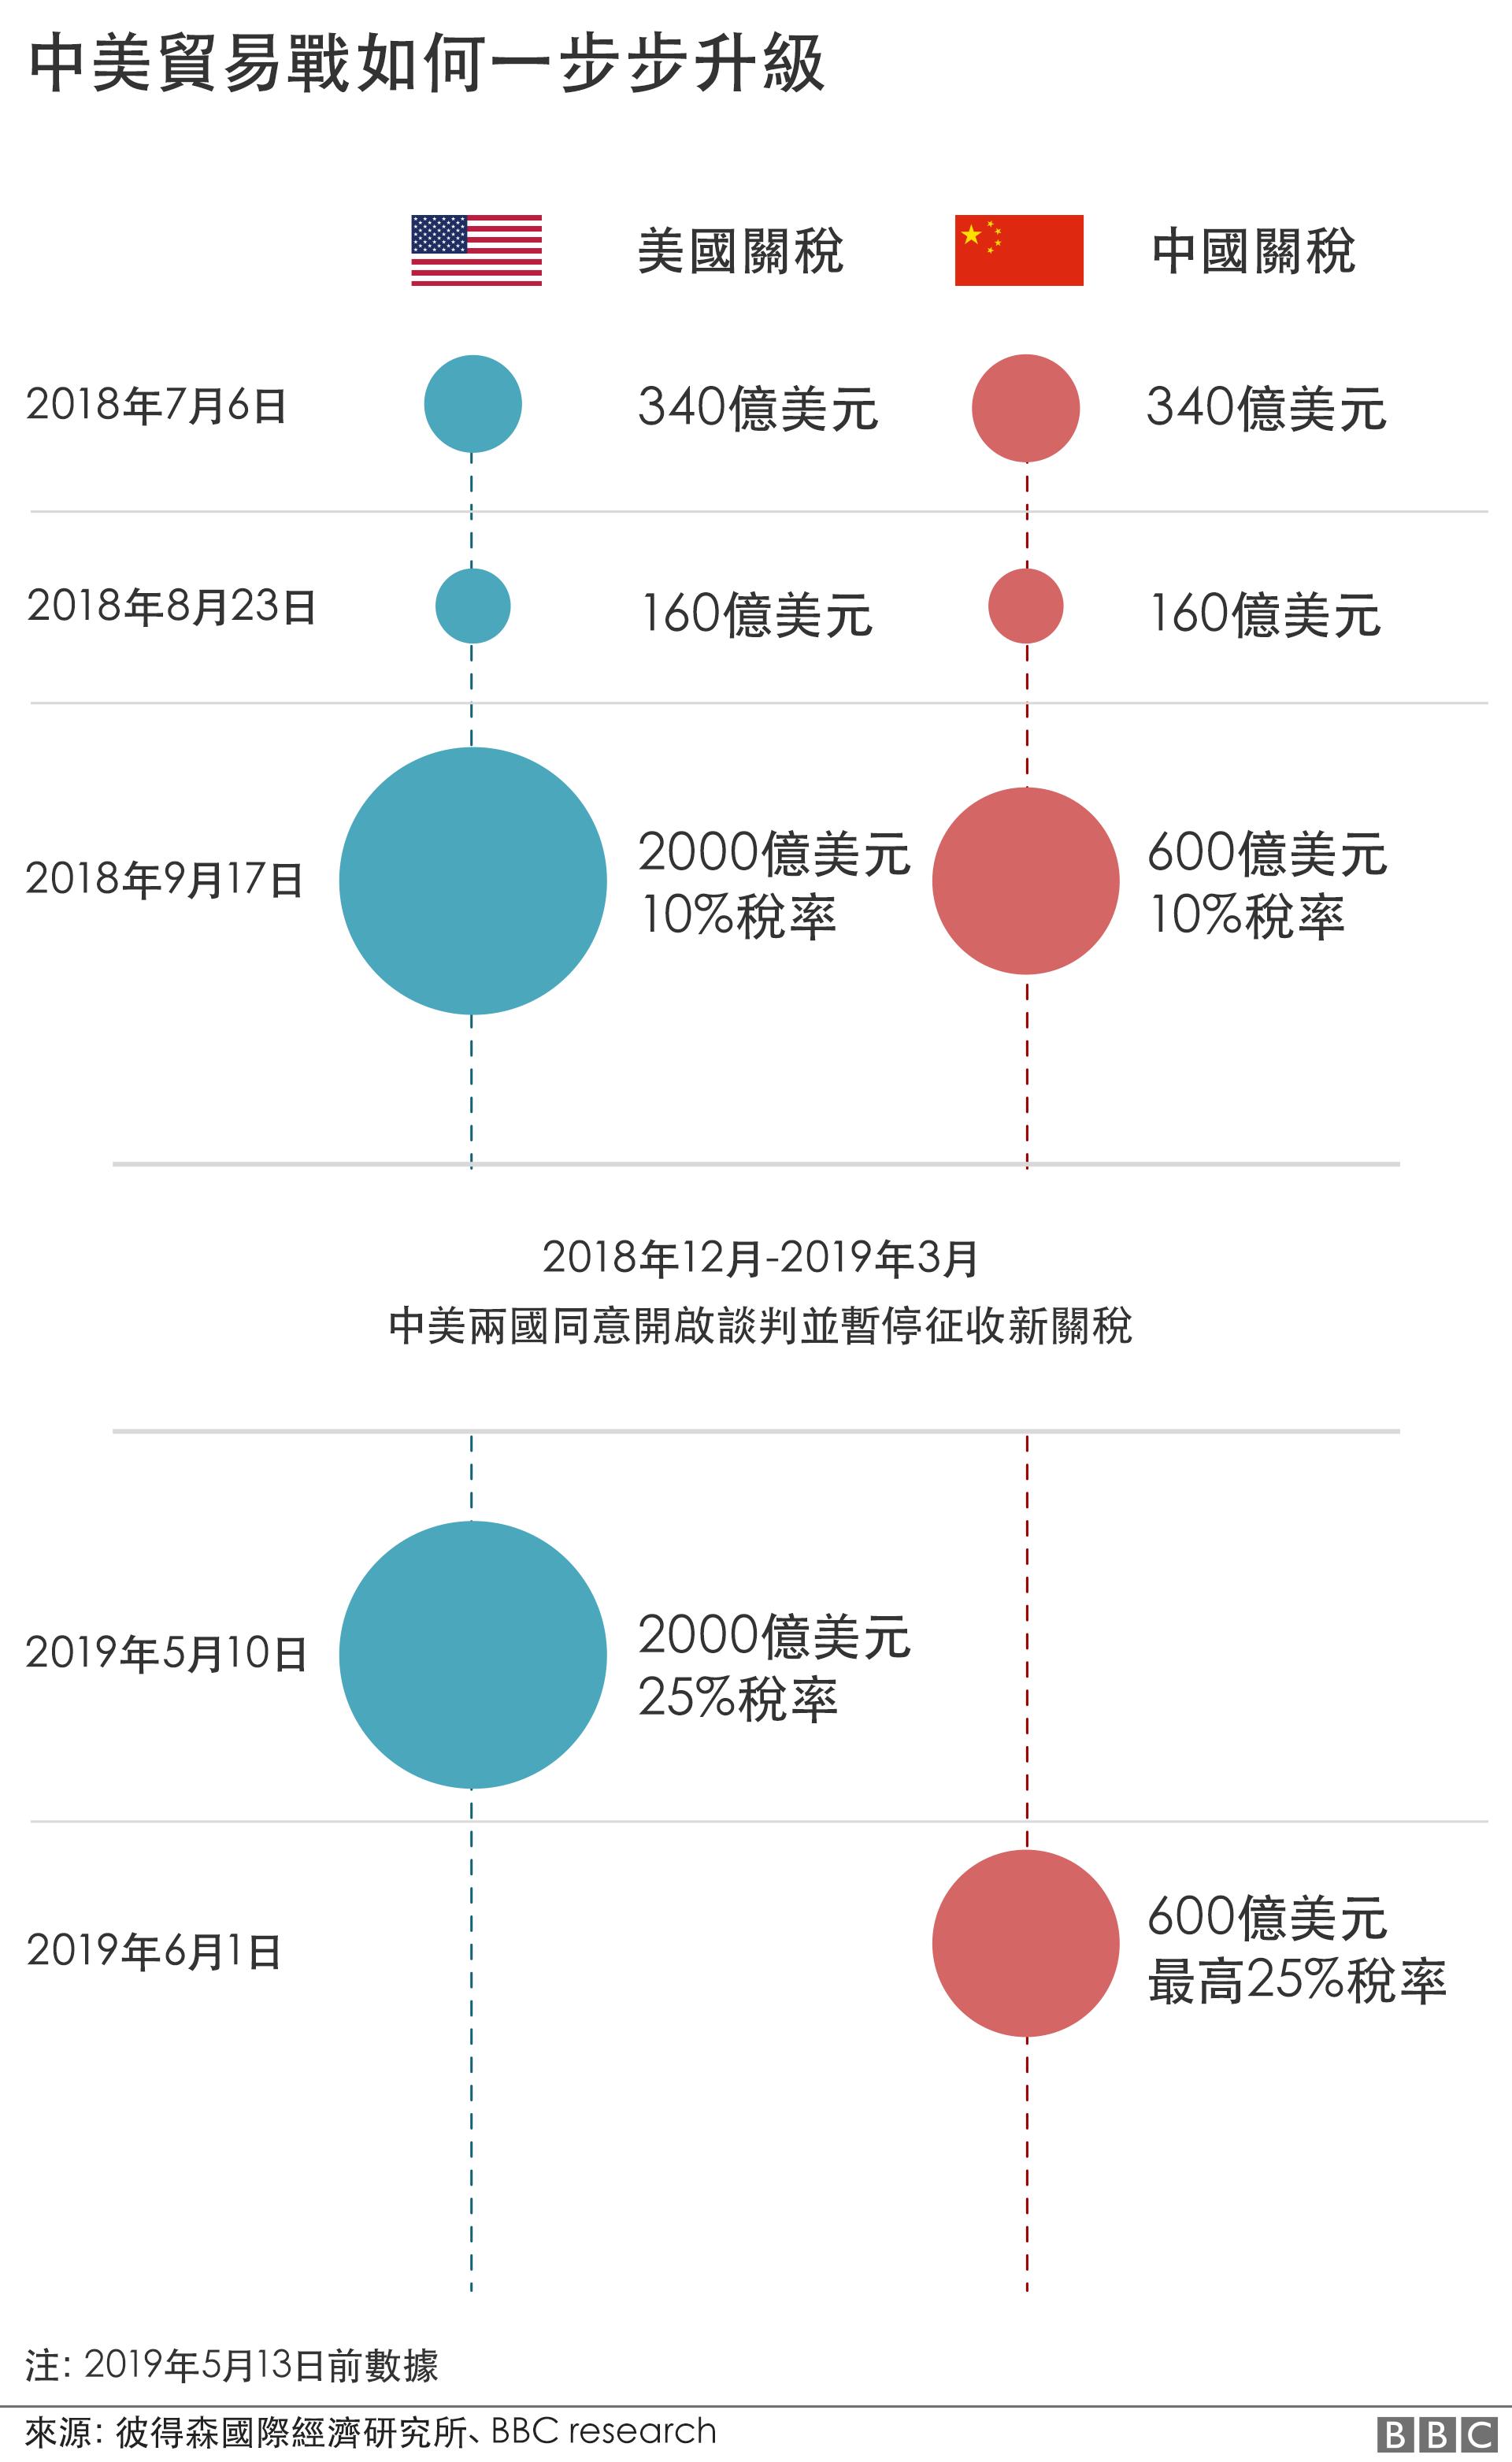 中美貿易戰時間表